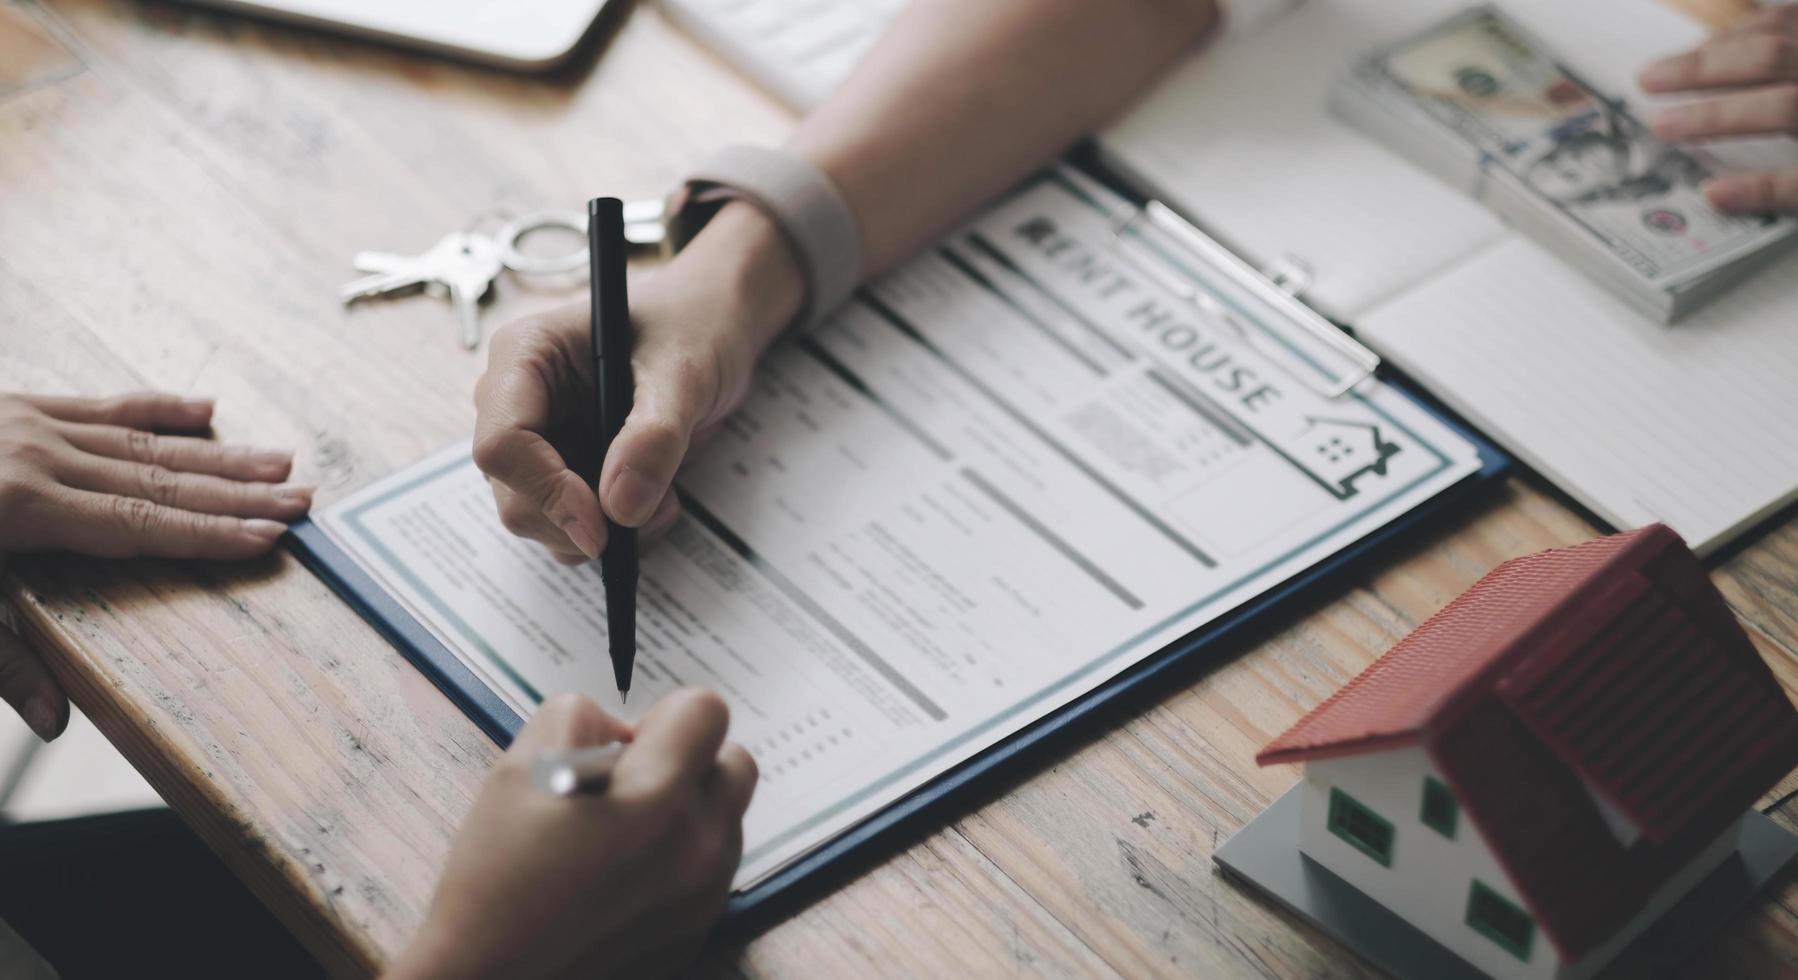 huismodel met agent en klant bespreken voor contract om onroerend goed of onroerend goed te kopen, verzekeringen of leningen te krijgen. foto